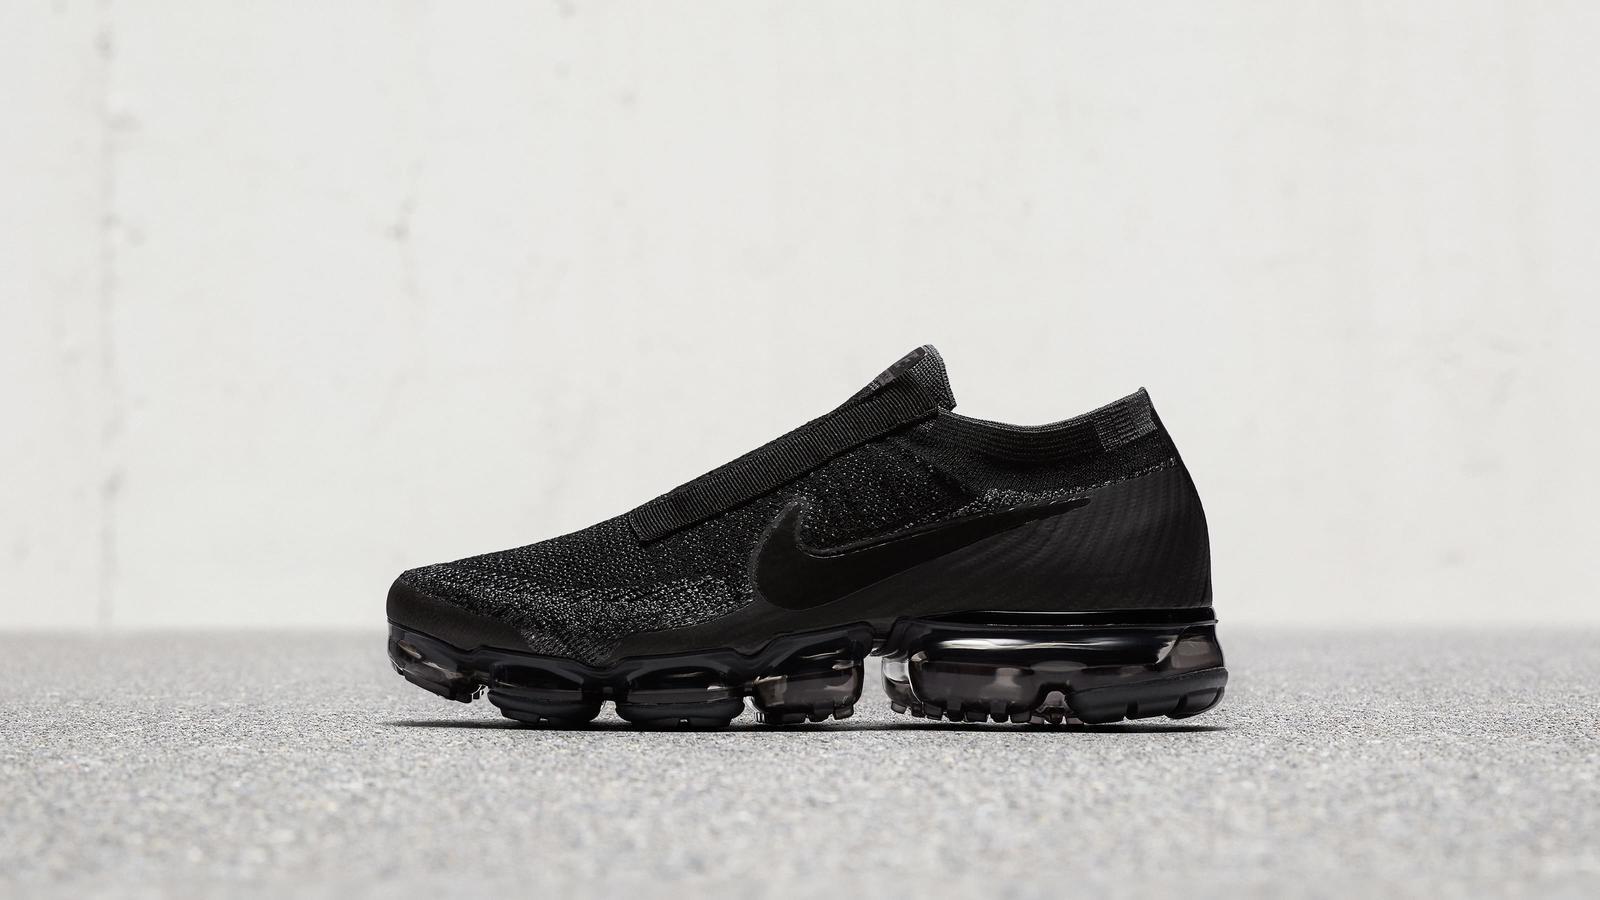 Nike Vapormax Slip On